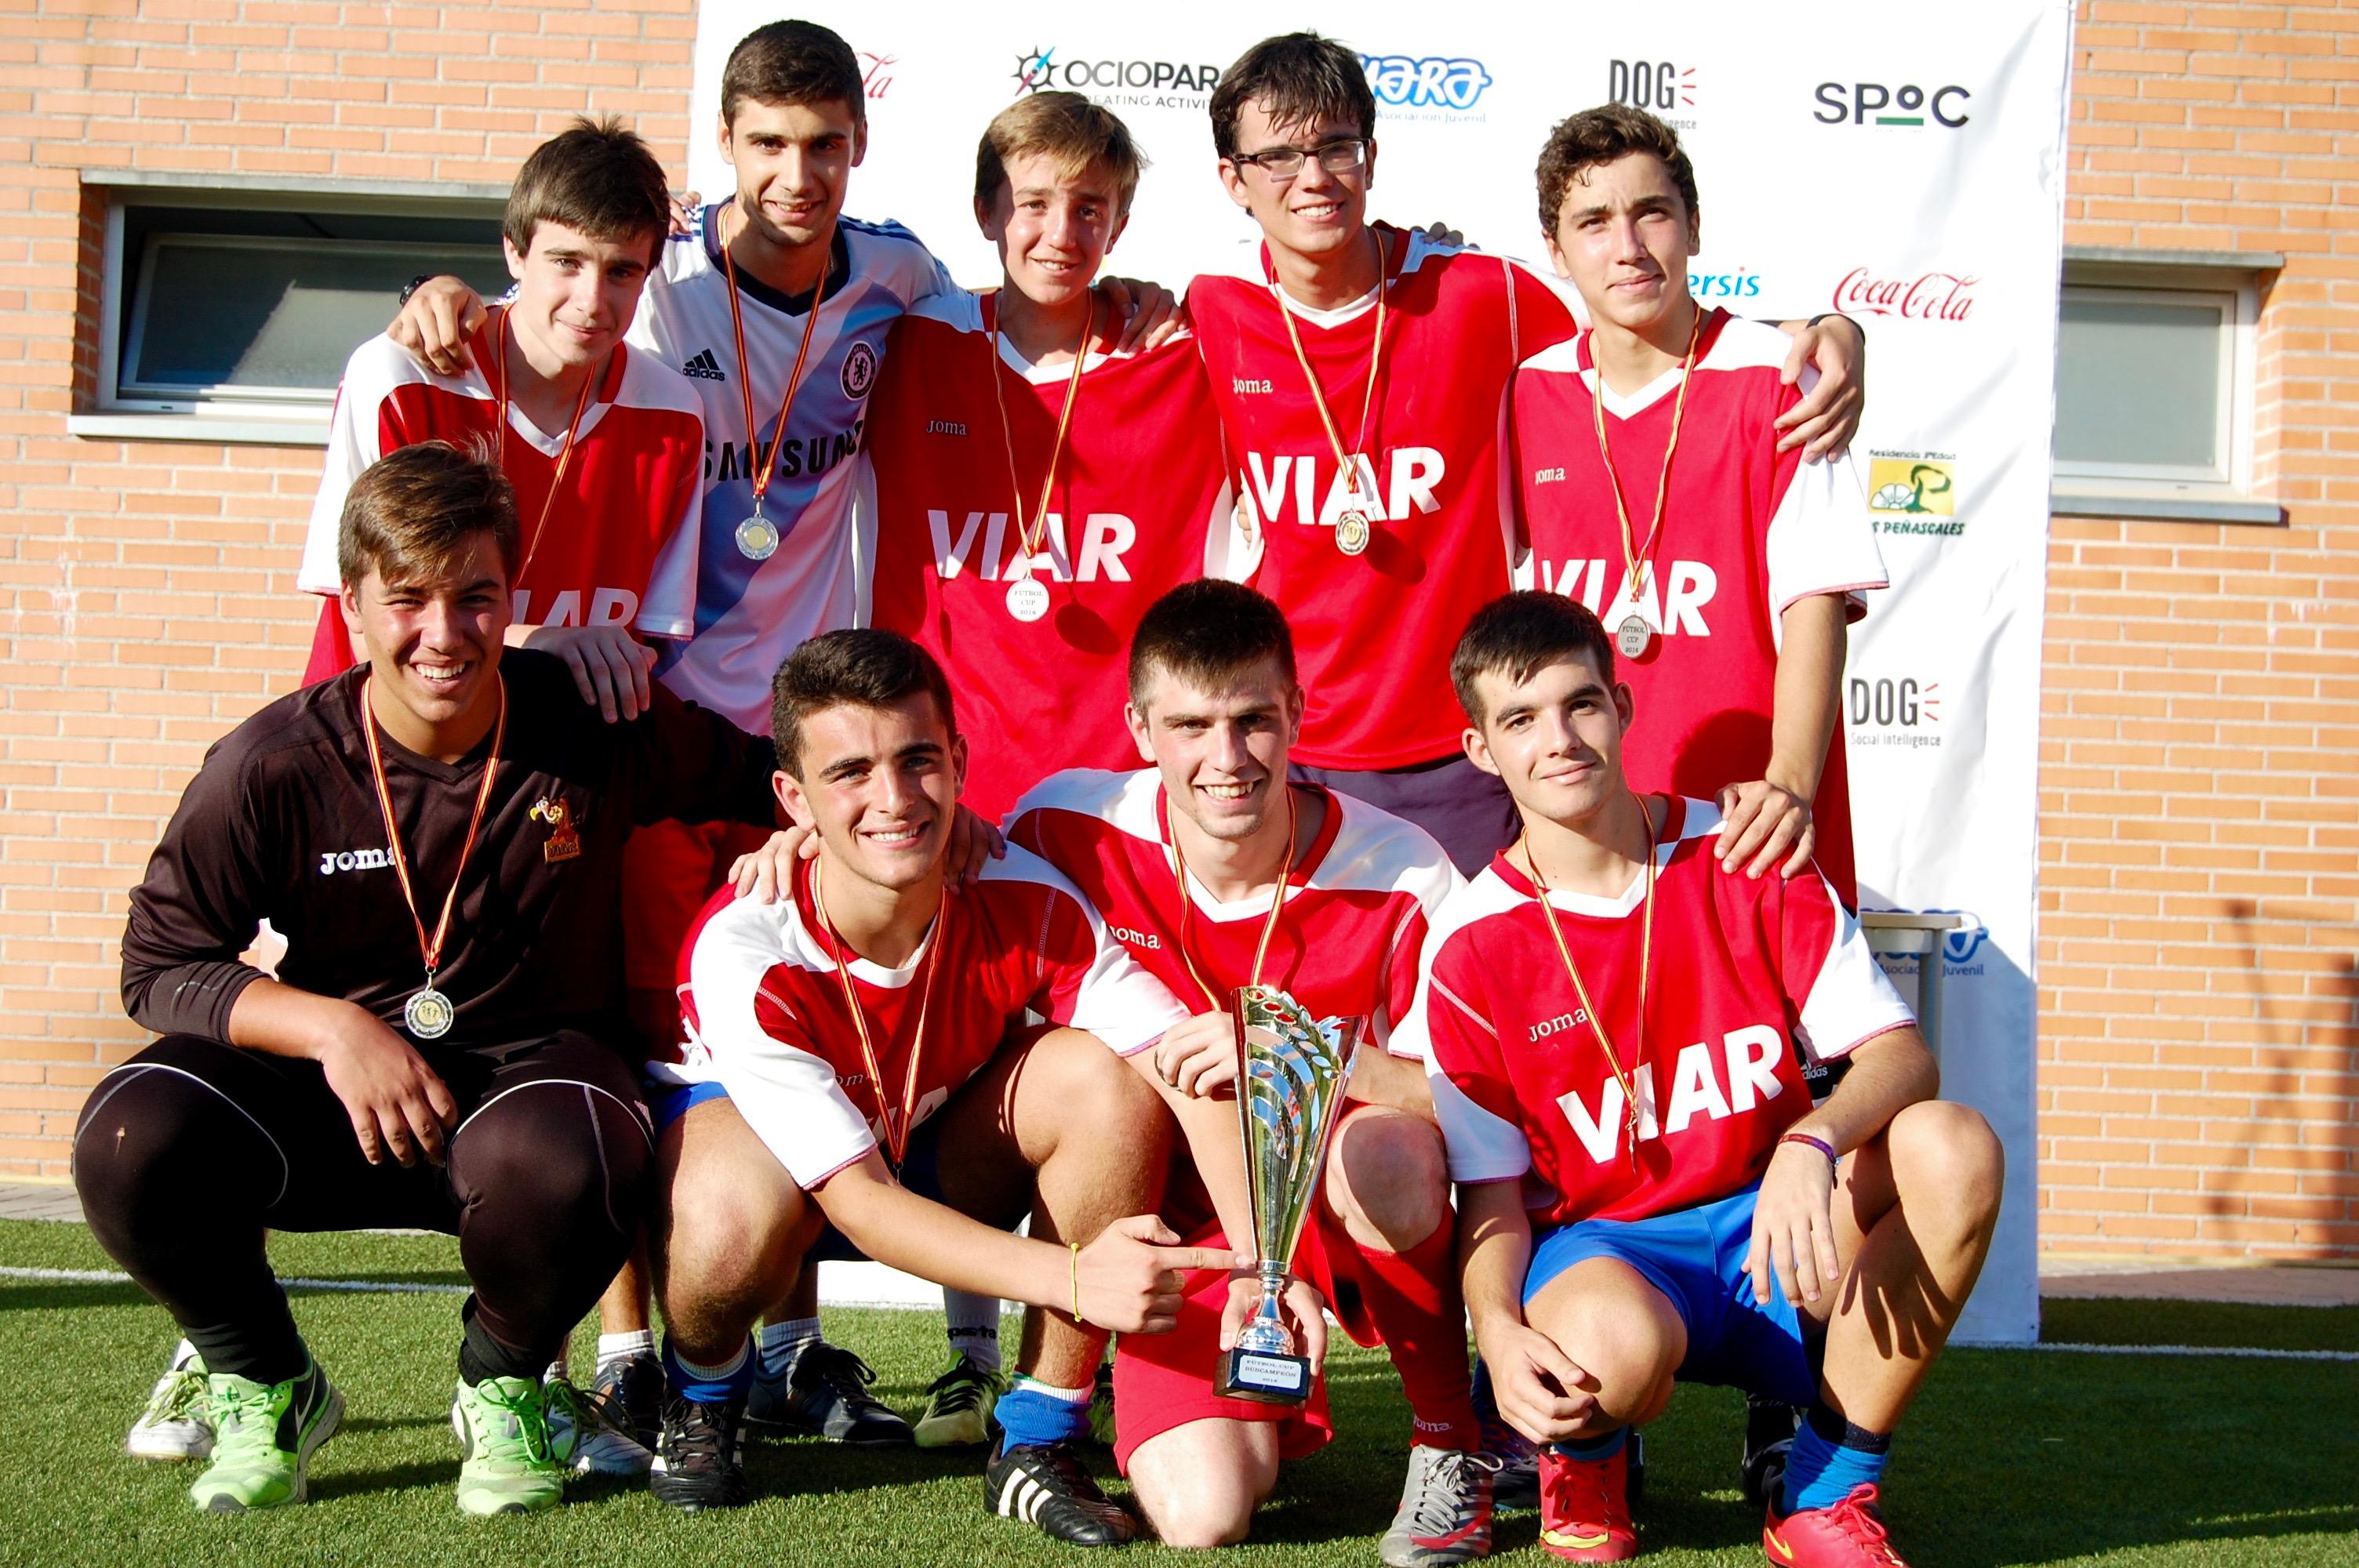 Trofeos FútbolCup 2016 04 Viar